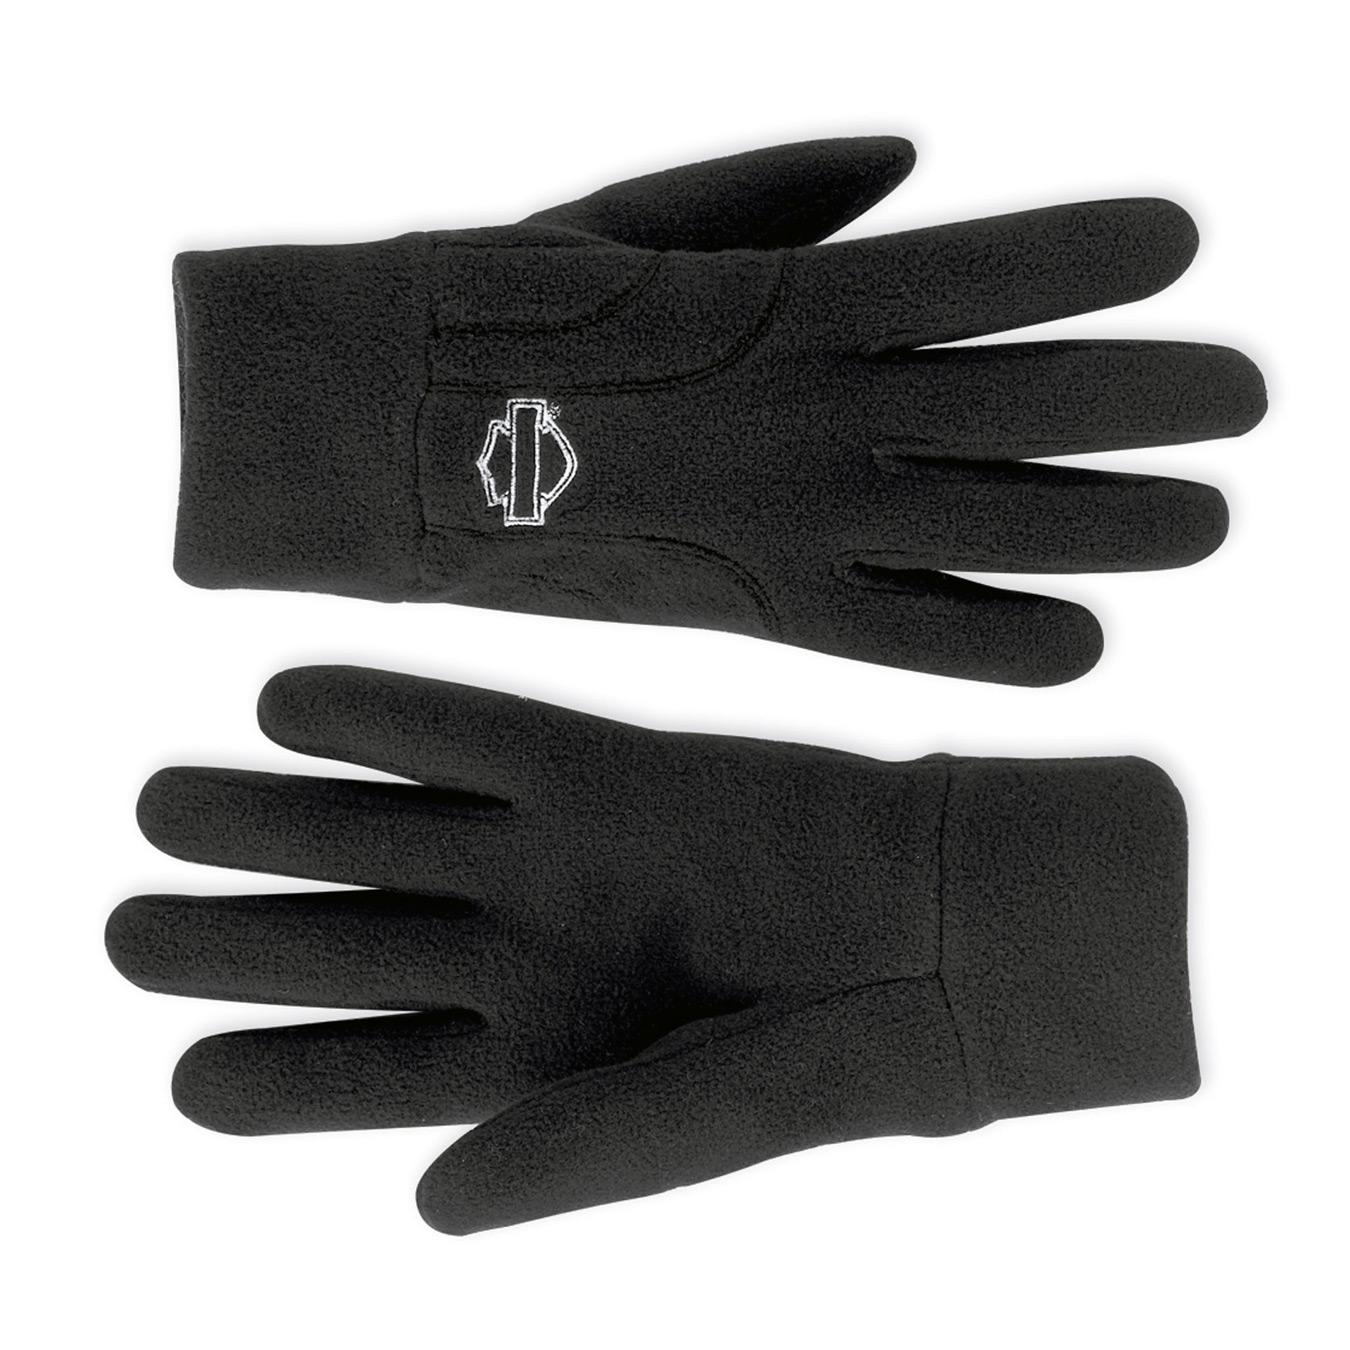 97238 12vw harley davidson fleece handschuhe mania im. Black Bedroom Furniture Sets. Home Design Ideas